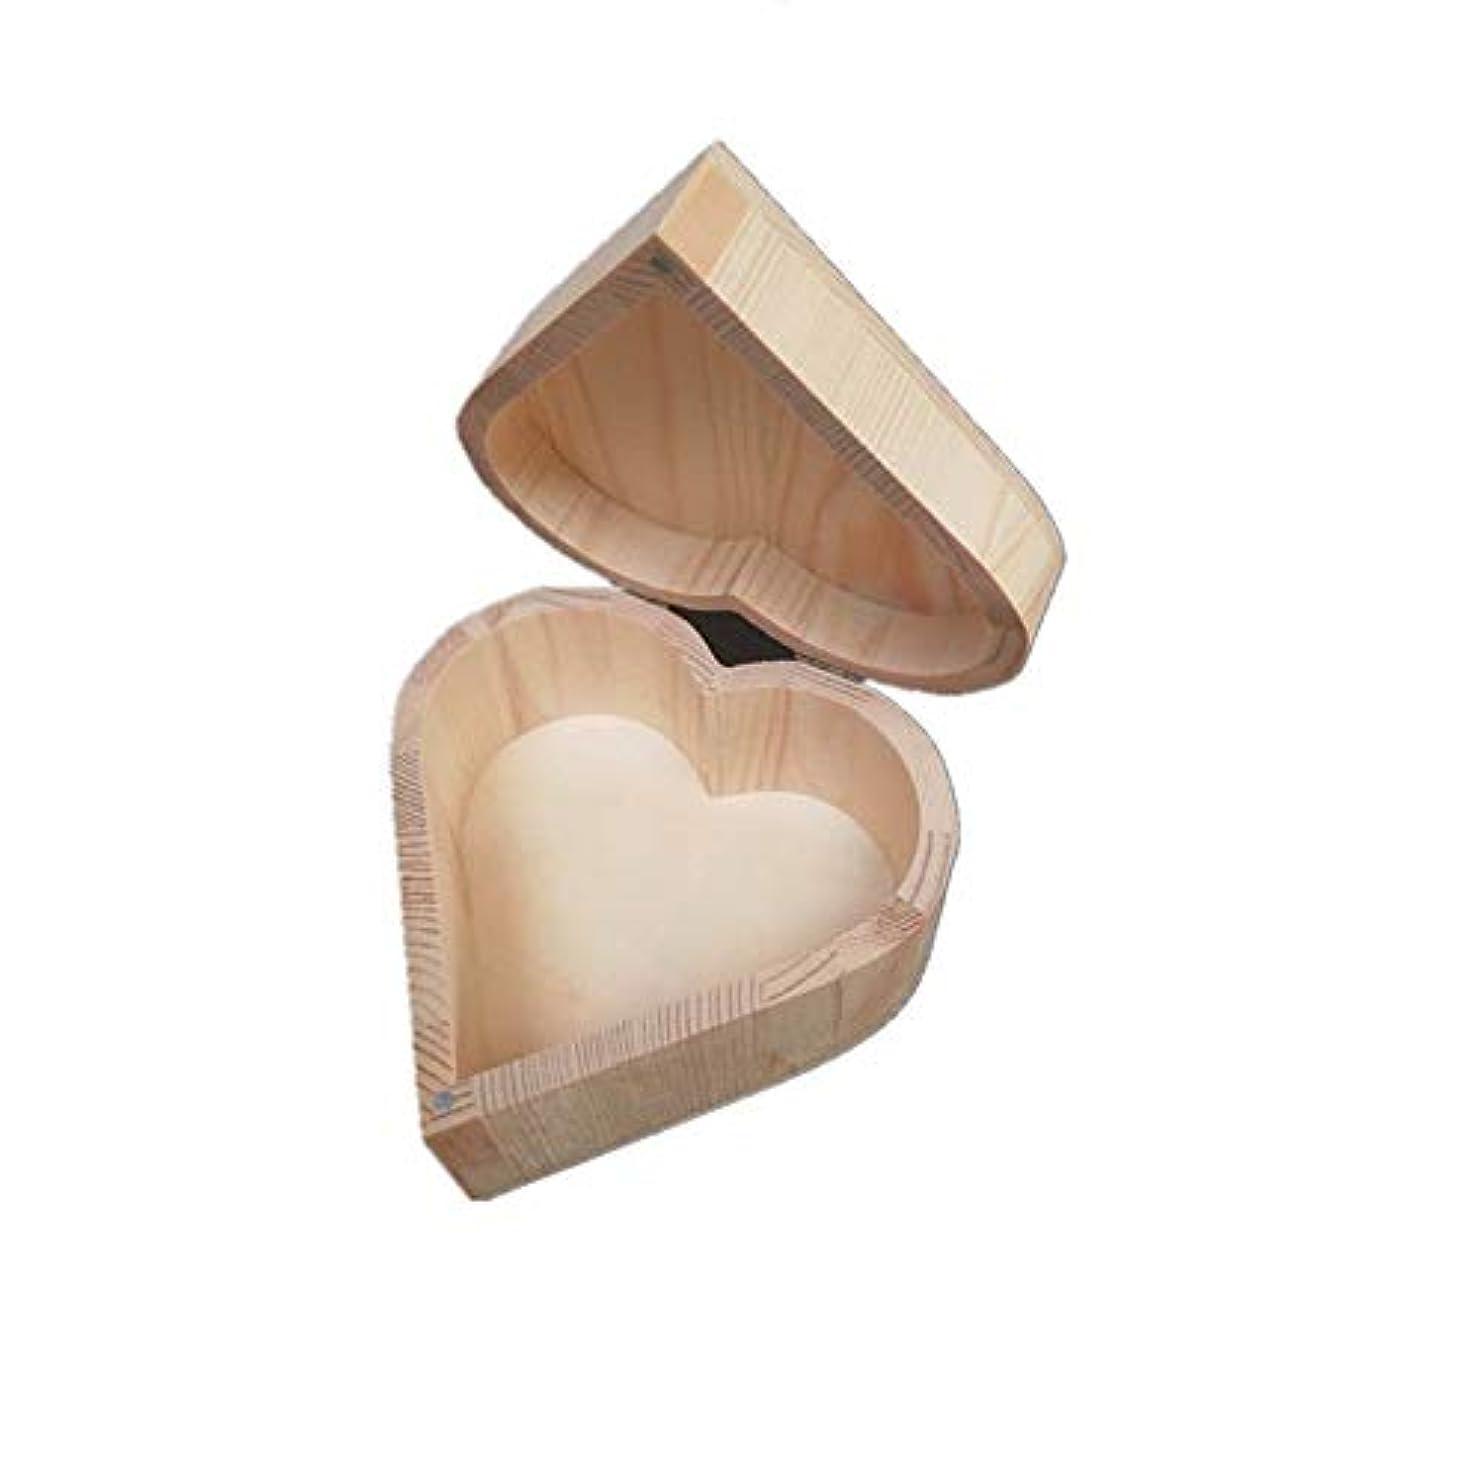 ハンディ処方するリア王エッセンシャルオイルの保管 手作りハート木製のエッセンシャルオイルボックスパーフェクトエッセンシャルオイルケース (色 : Natural, サイズ : 13X13X7CM)